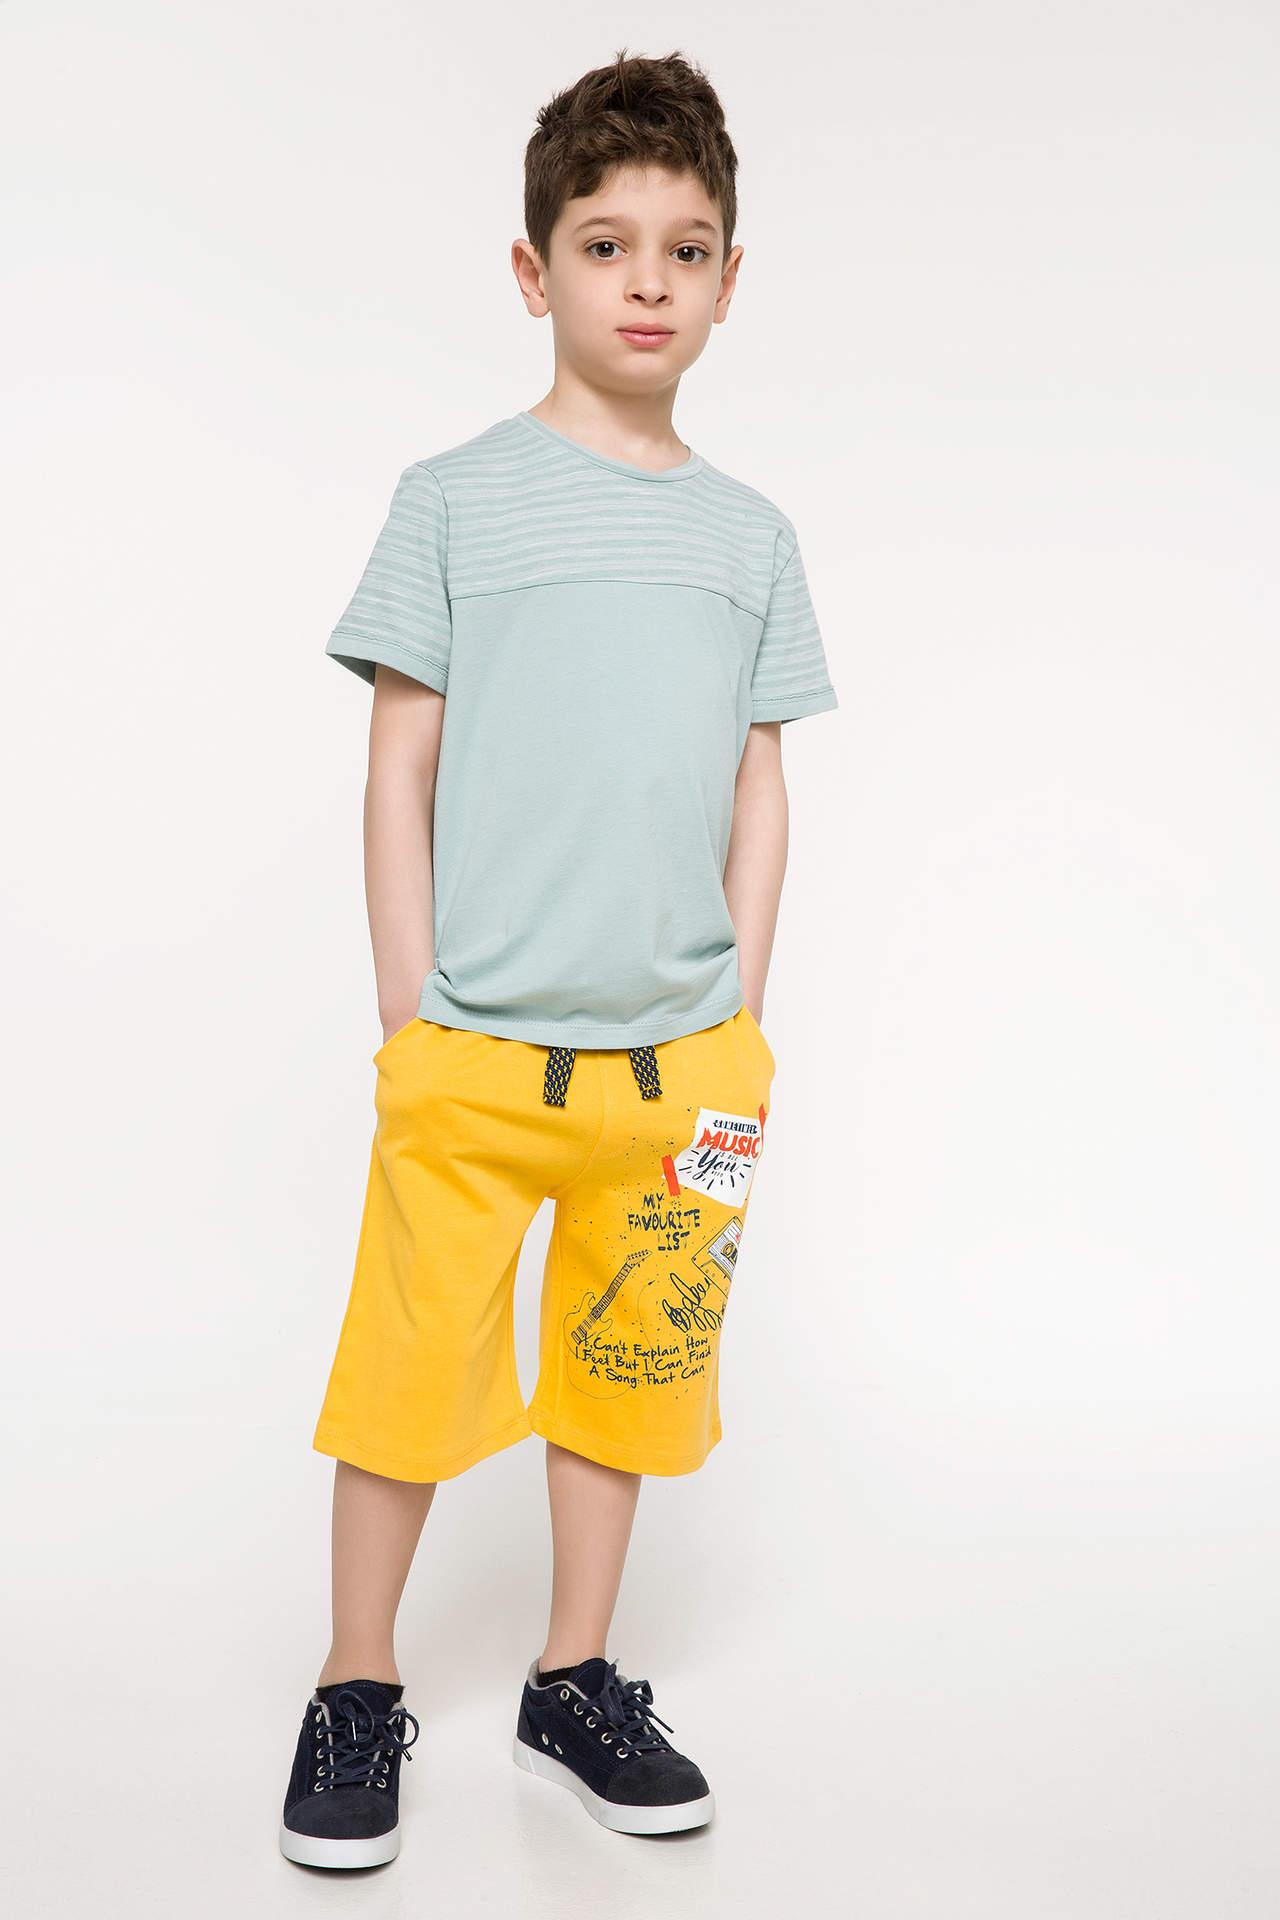 DeFacto Erkek Çocuk Baskılı Bermuda Sarı male